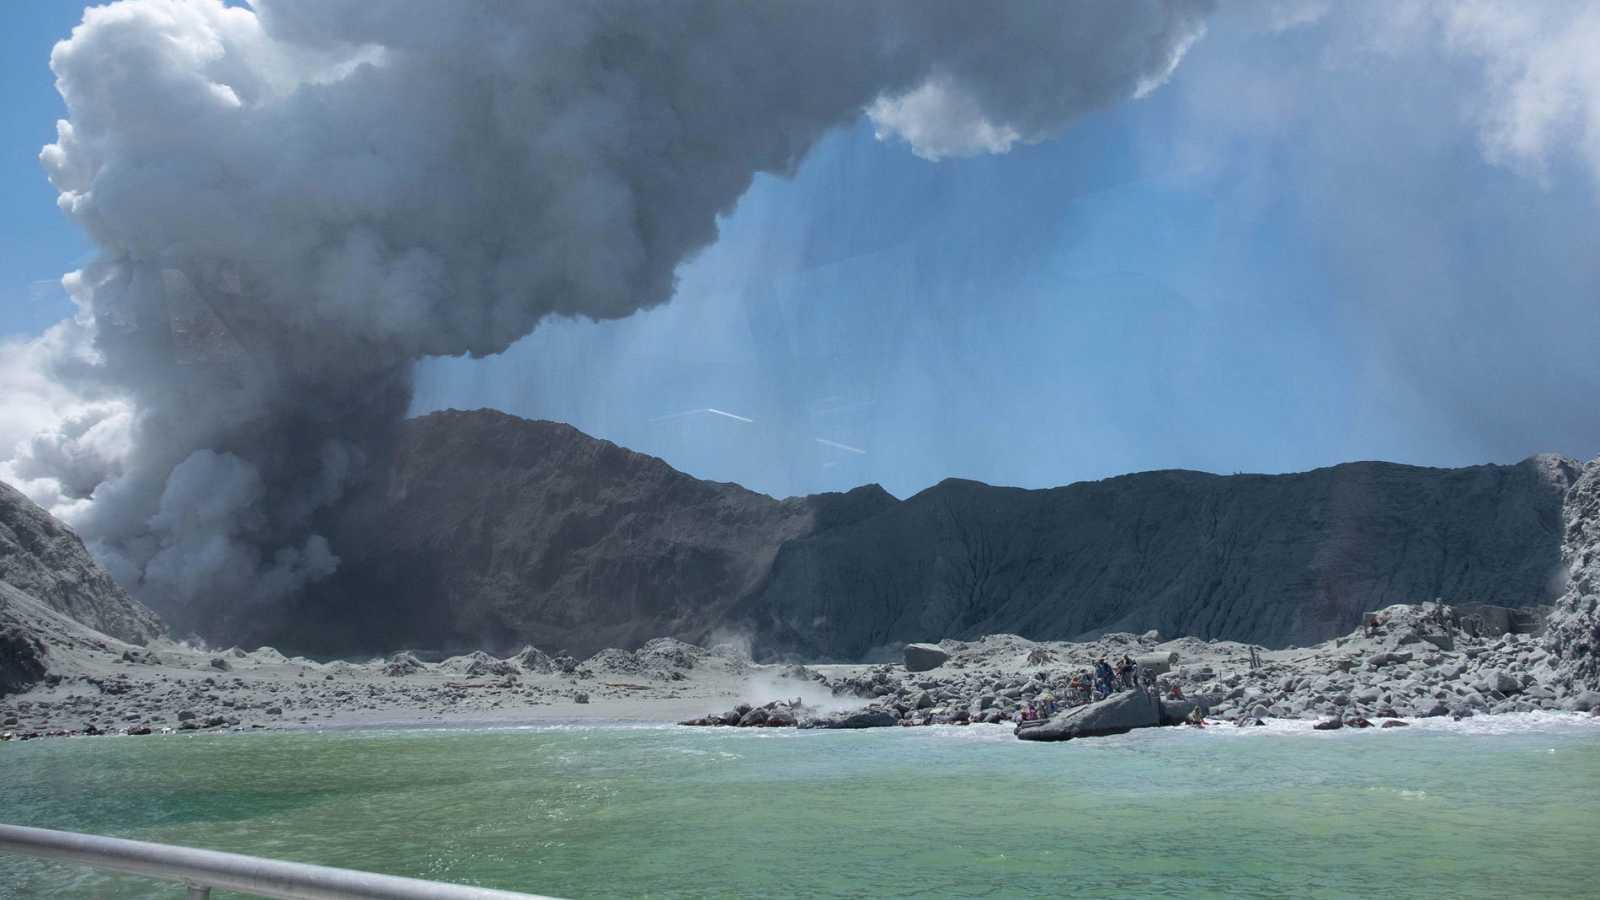 El volcán Whakaari, en Nueva Zelanda, minutos después de entrar en erupción